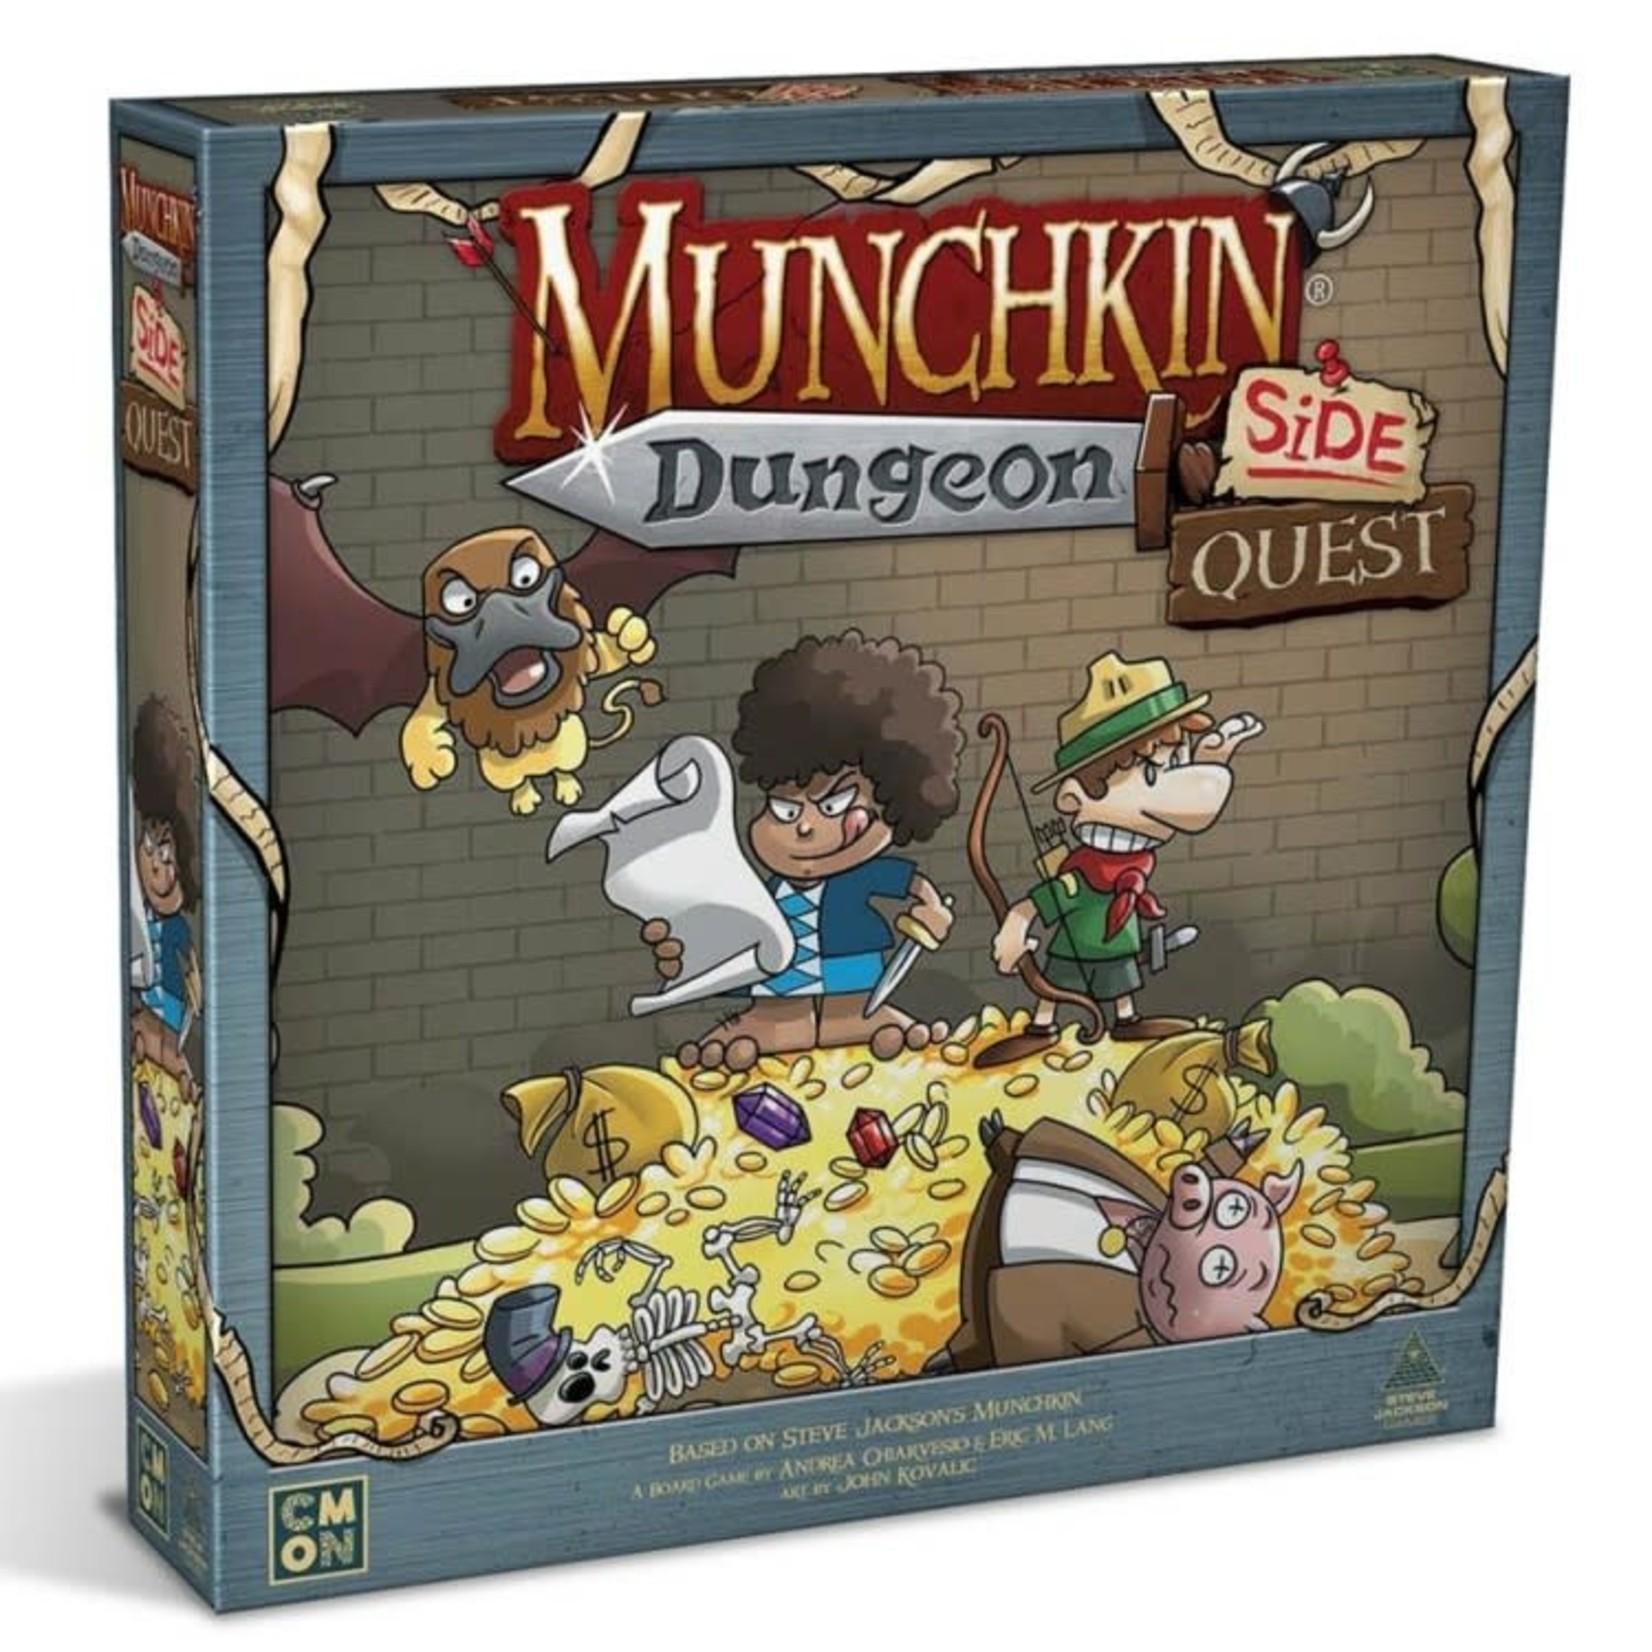 CMON Munchkin Dungeon: Side Quest